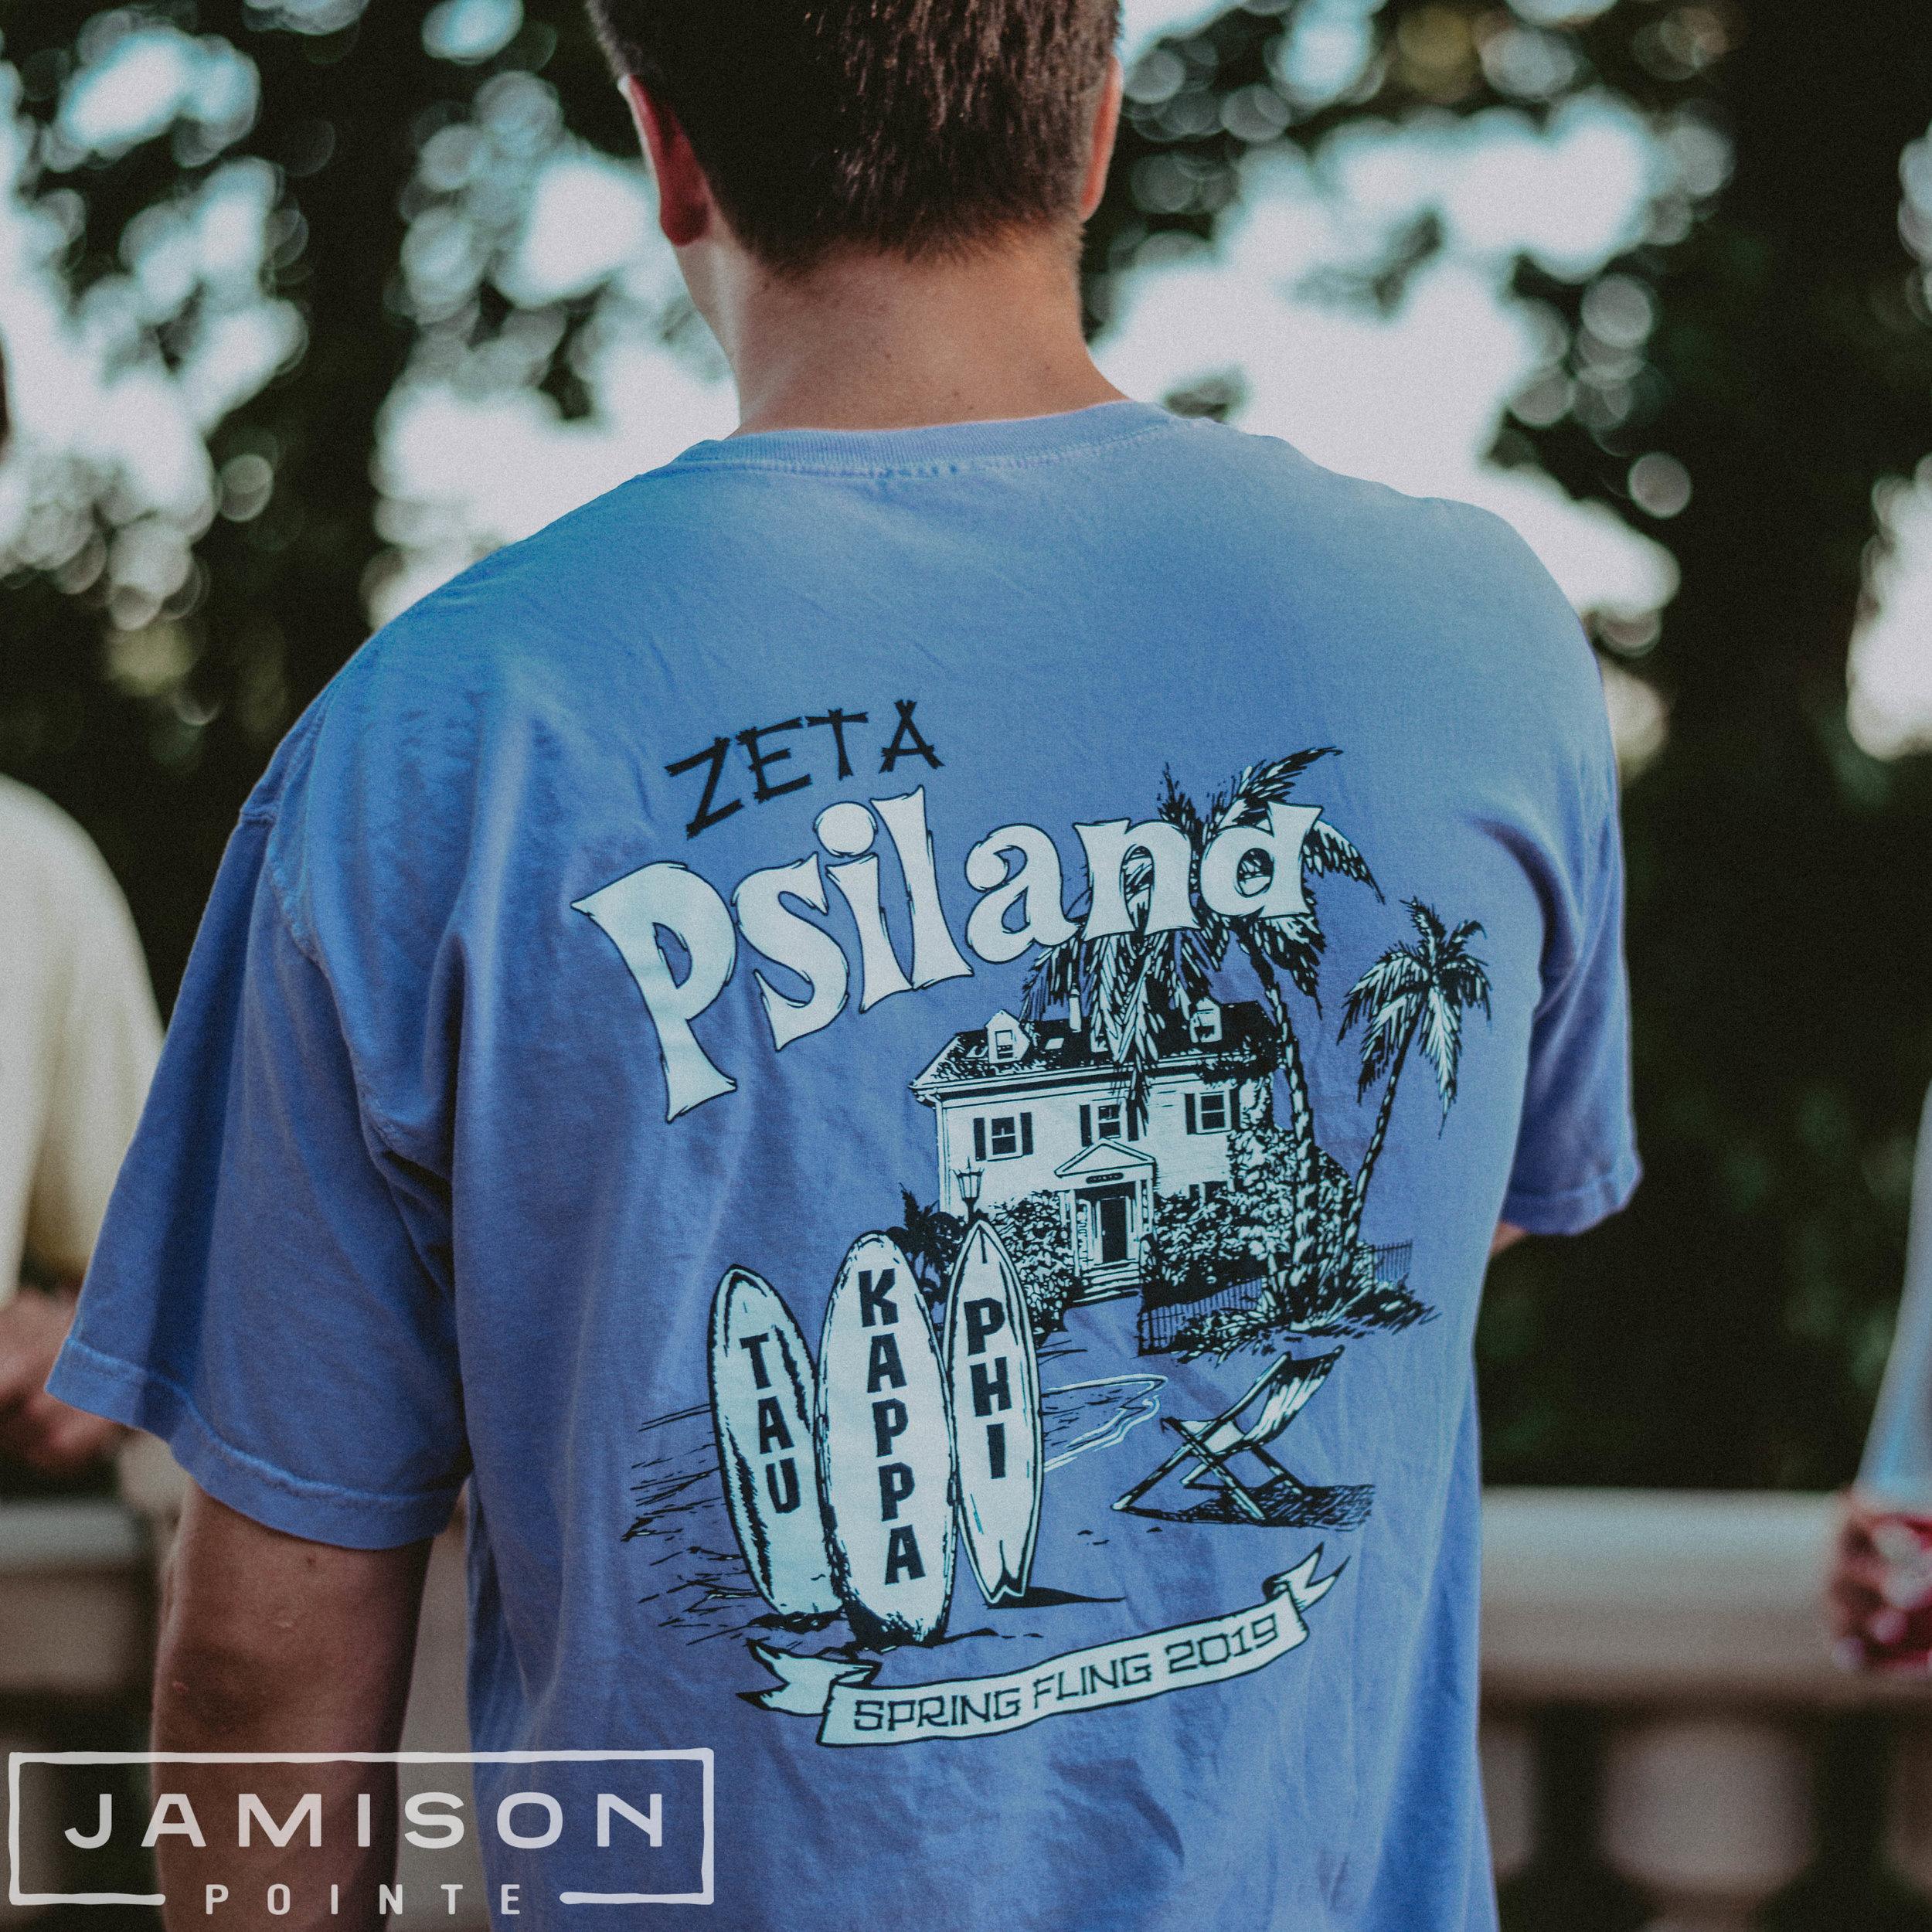 Zeta Psiland Tshirt